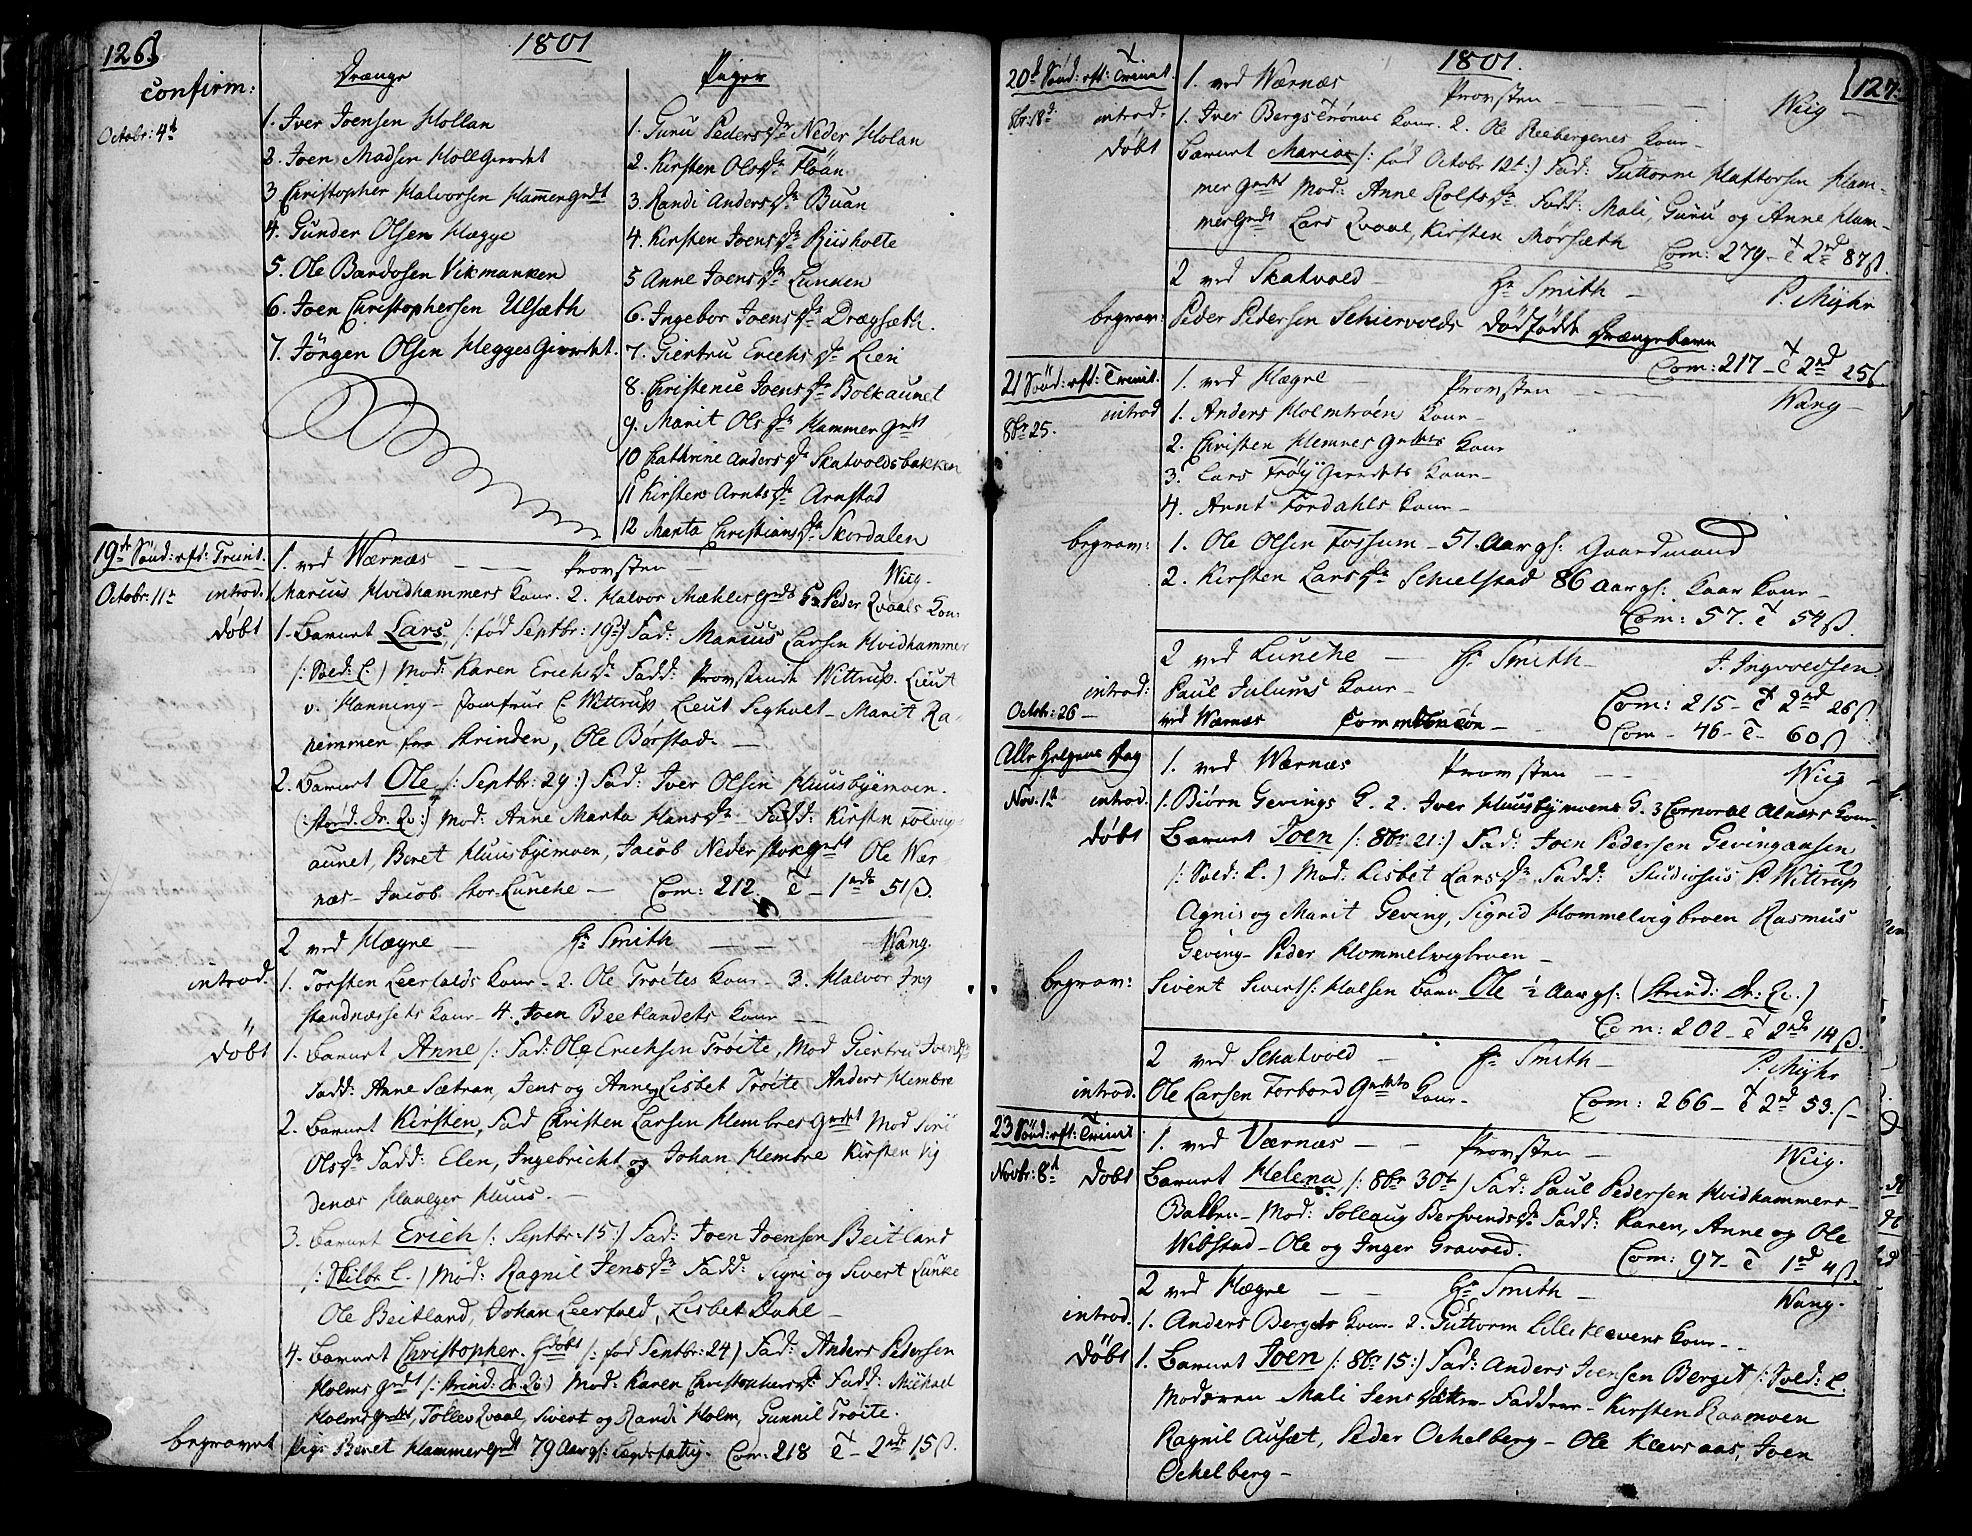 SAT, Ministerialprotokoller, klokkerbøker og fødselsregistre - Nord-Trøndelag, 709/L0060: Ministerialbok nr. 709A07, 1797-1815, s. 126-127